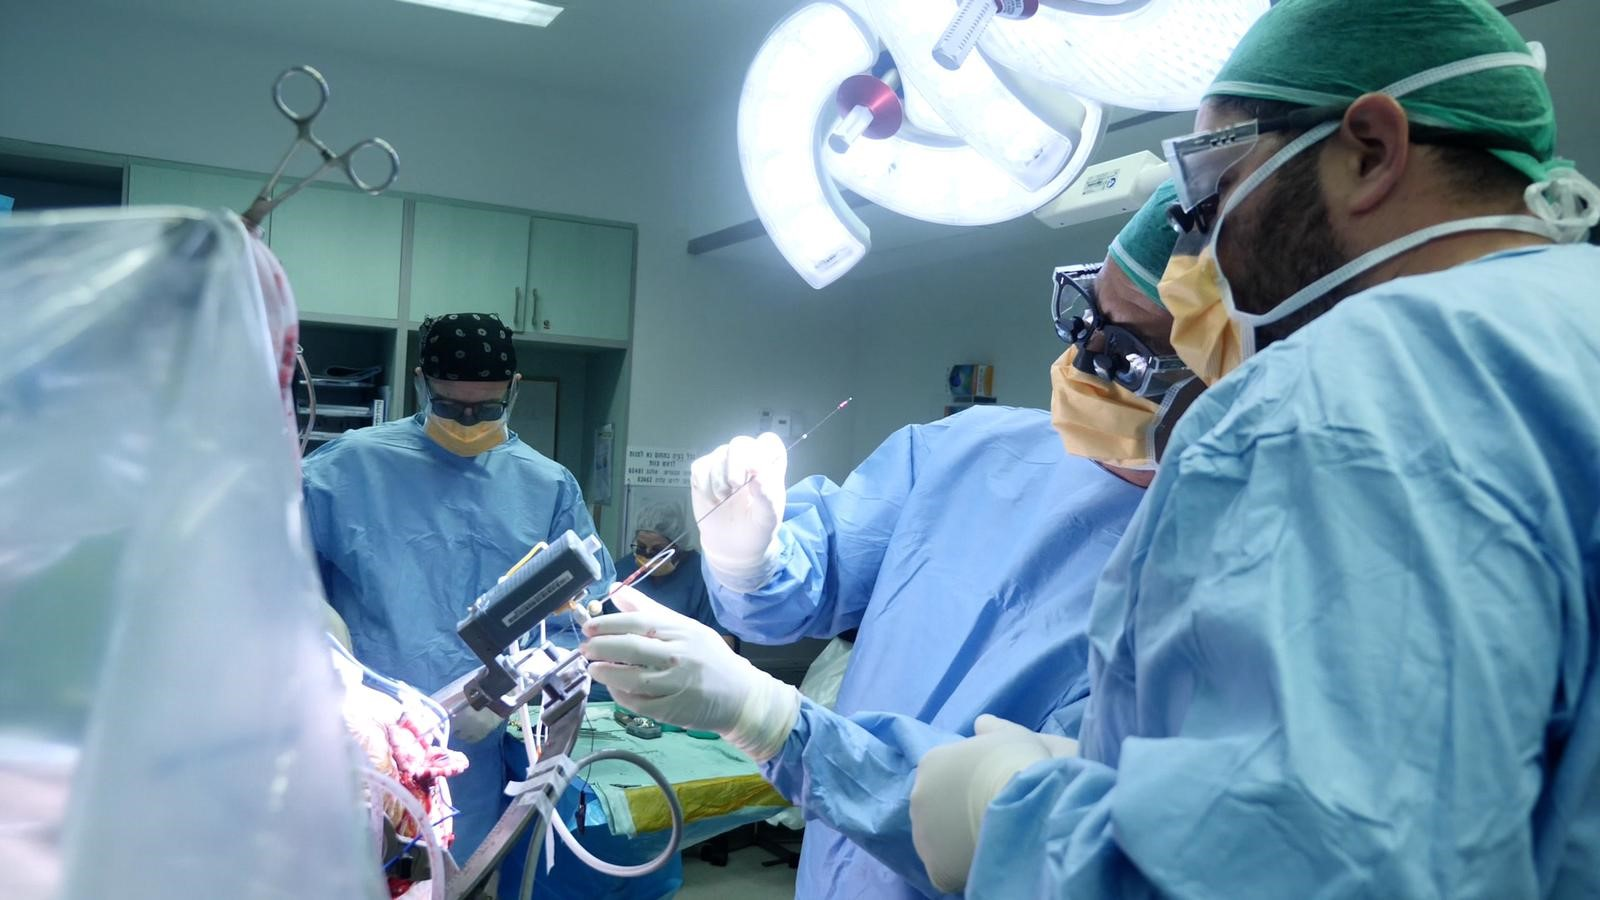 ניתוח השתלת הקוצב החדשני צילום: ליאור צור, איכילוב